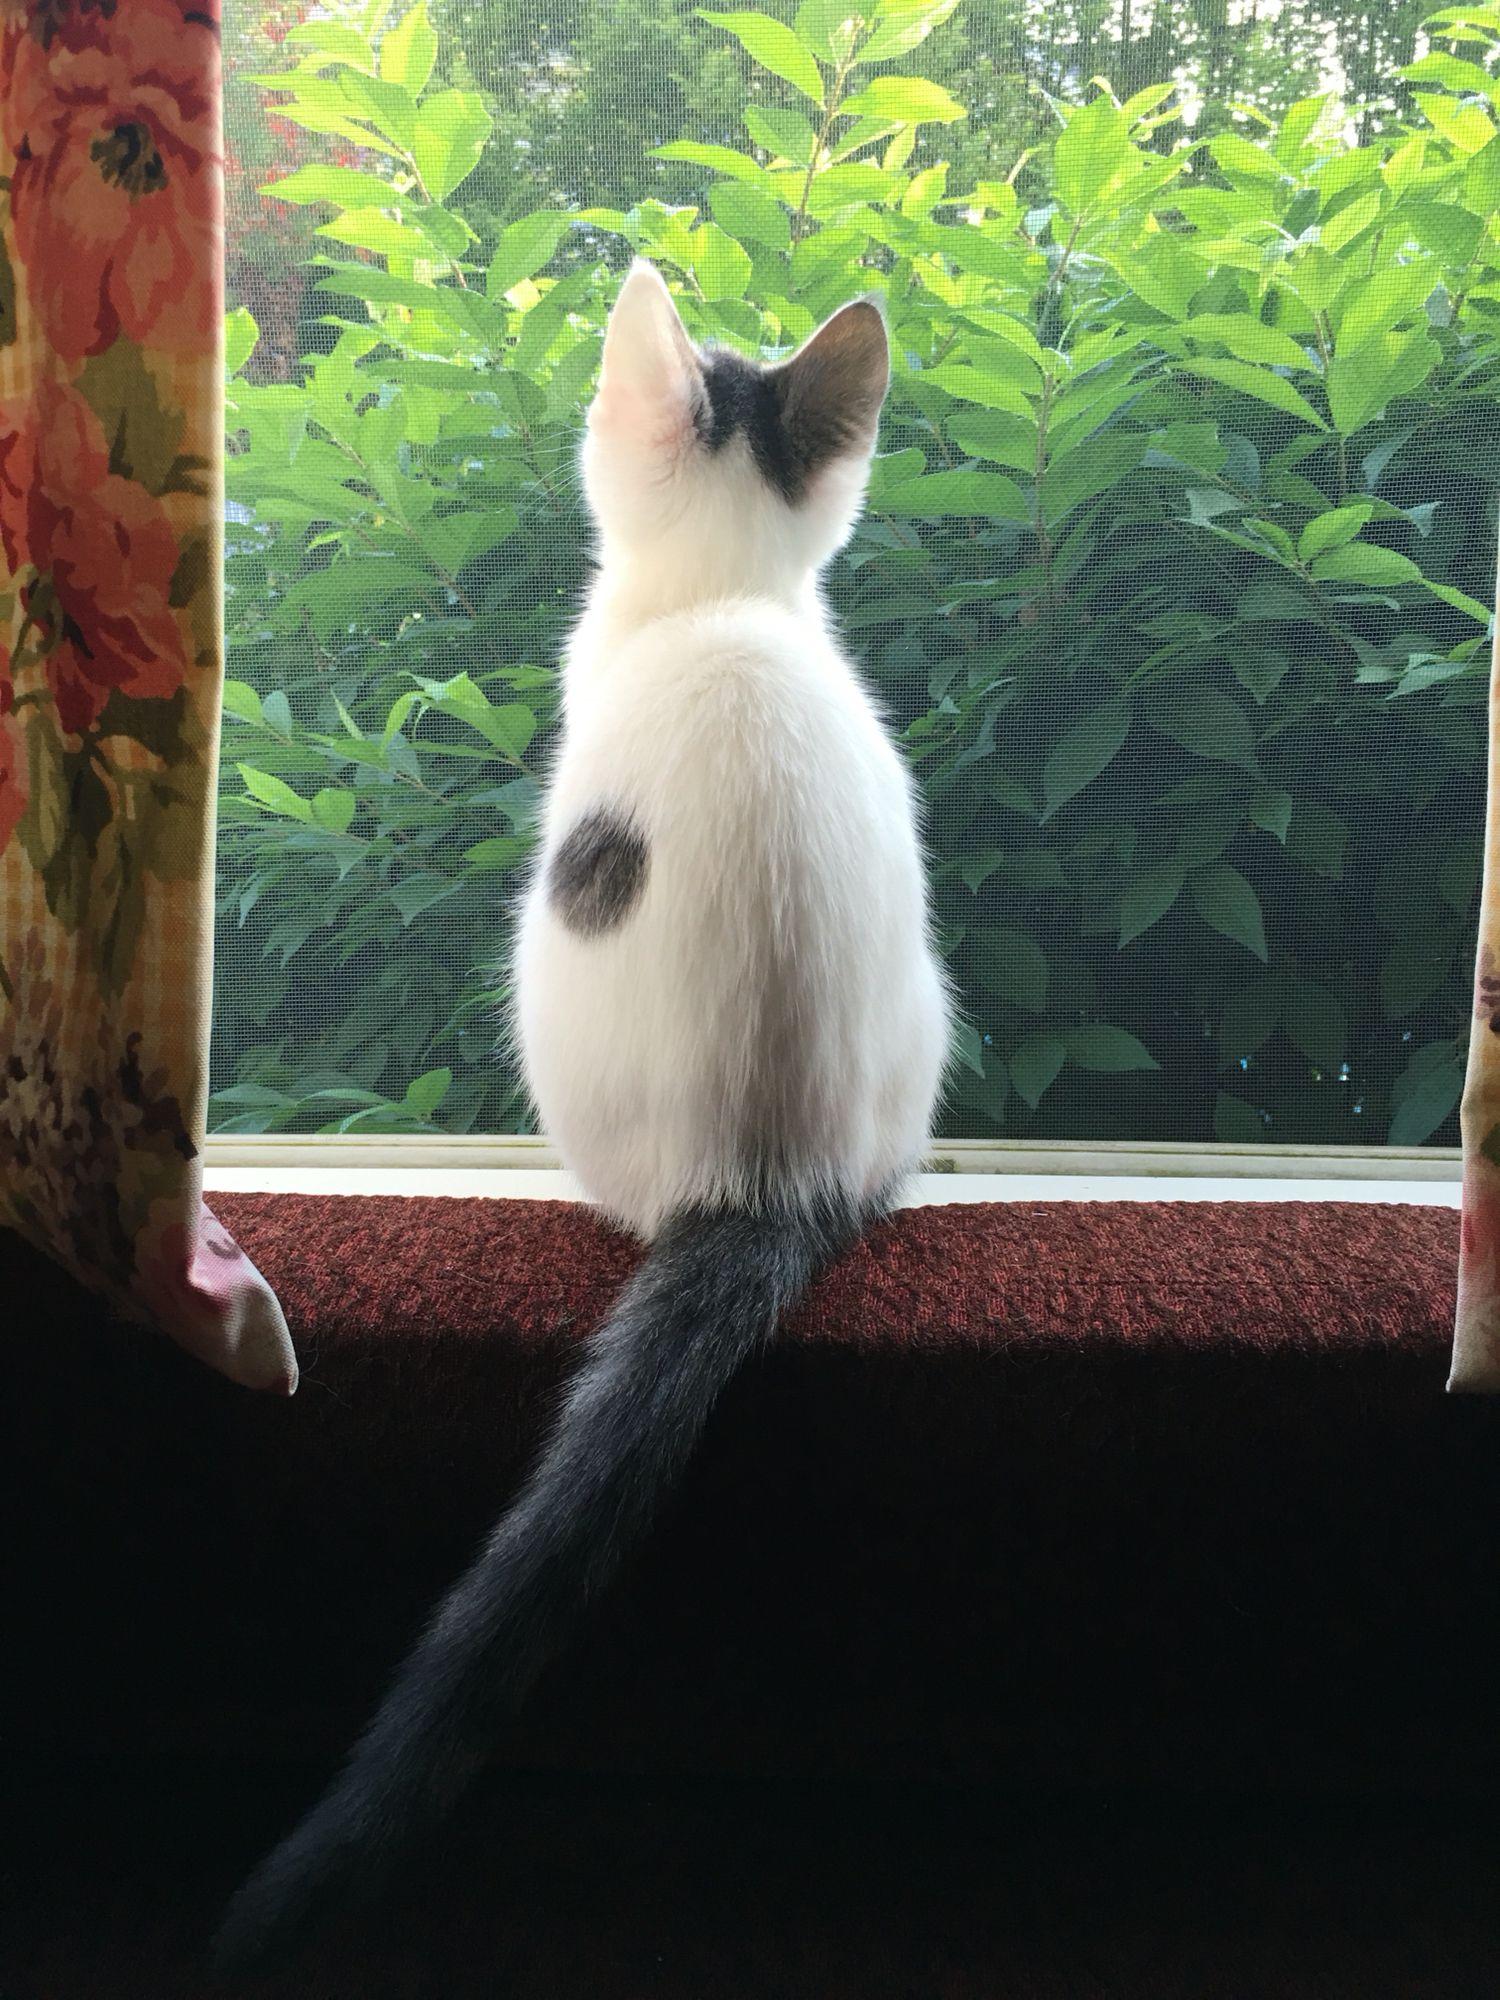 Little Chloe Looking Out The Window Con Imagenes Perro Gato Fotografia De Gatos Gatos